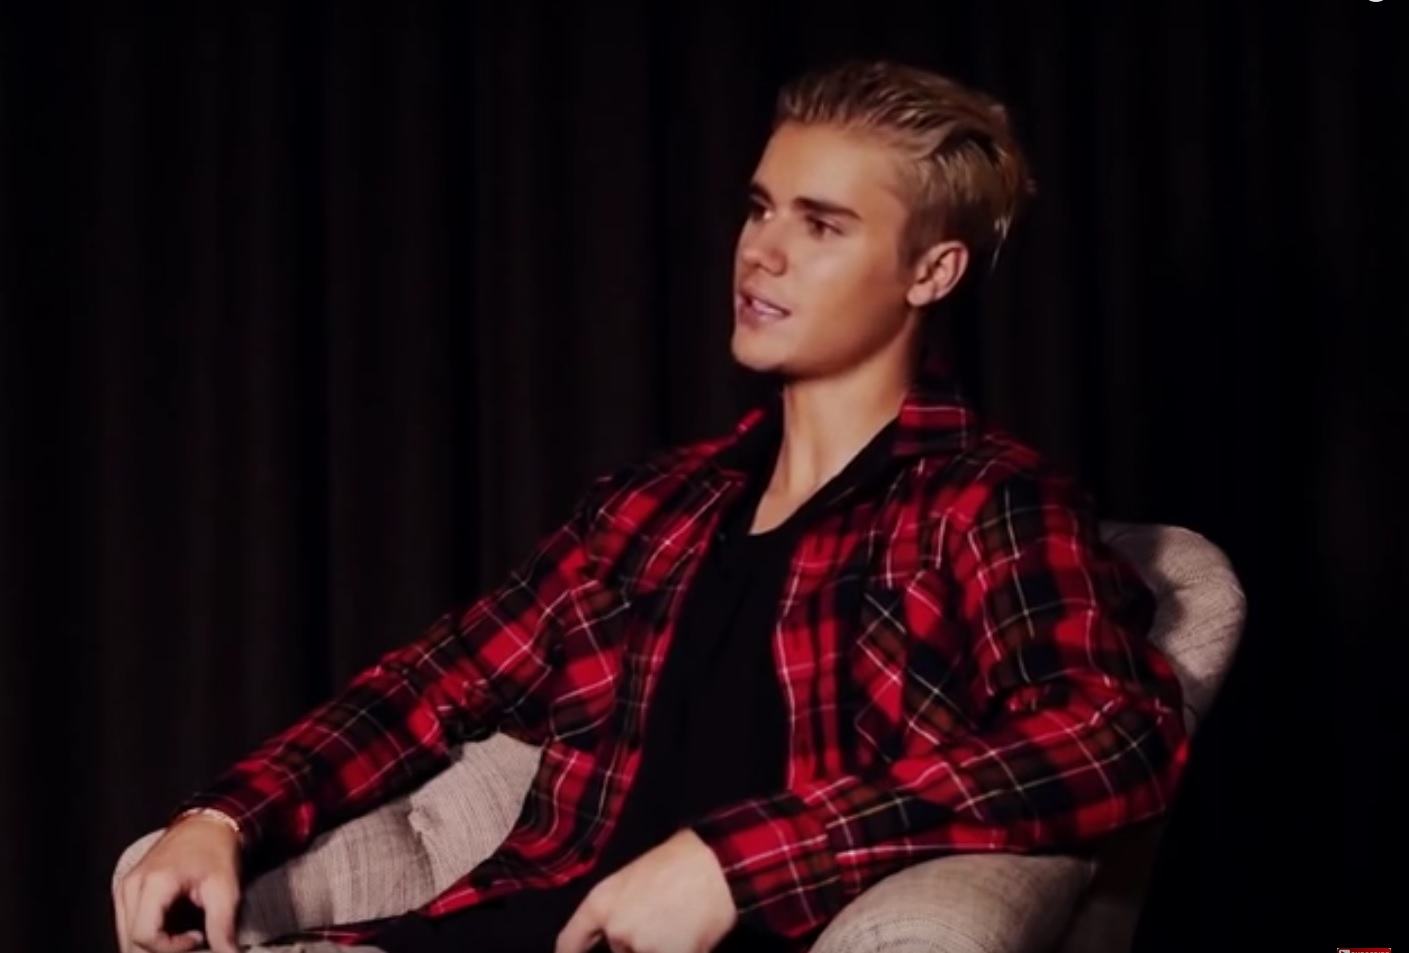 FOTO: ZA FANOVE - Pogledajte golog Justina Biebera, zvijezdu koja 9. studenog stiže u Zagreb 2